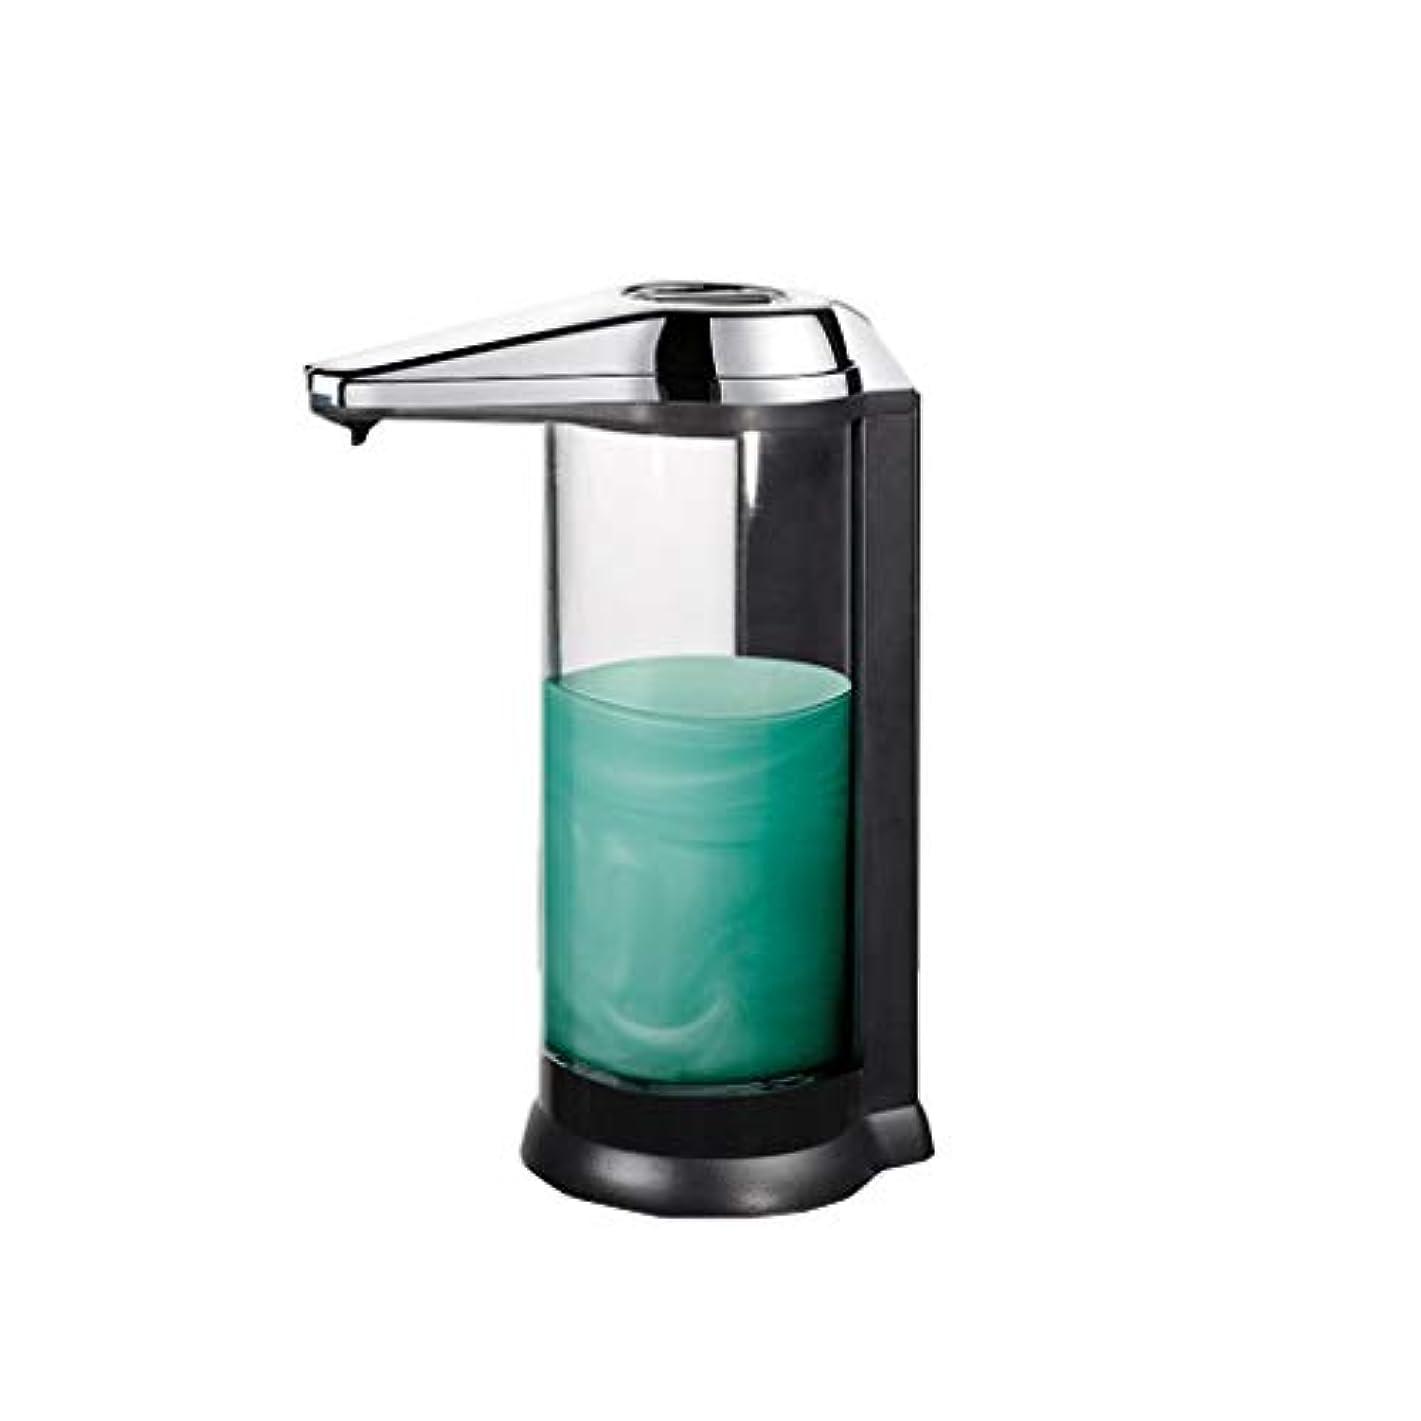 贅沢枠銀せっけん ソープディスペンサー自動ソープディスペンサー赤外線モーションセンサー液体ディスペンサー防水リークプルーフ非接触石鹸子供、キッチン、バスルームに適して 新しい